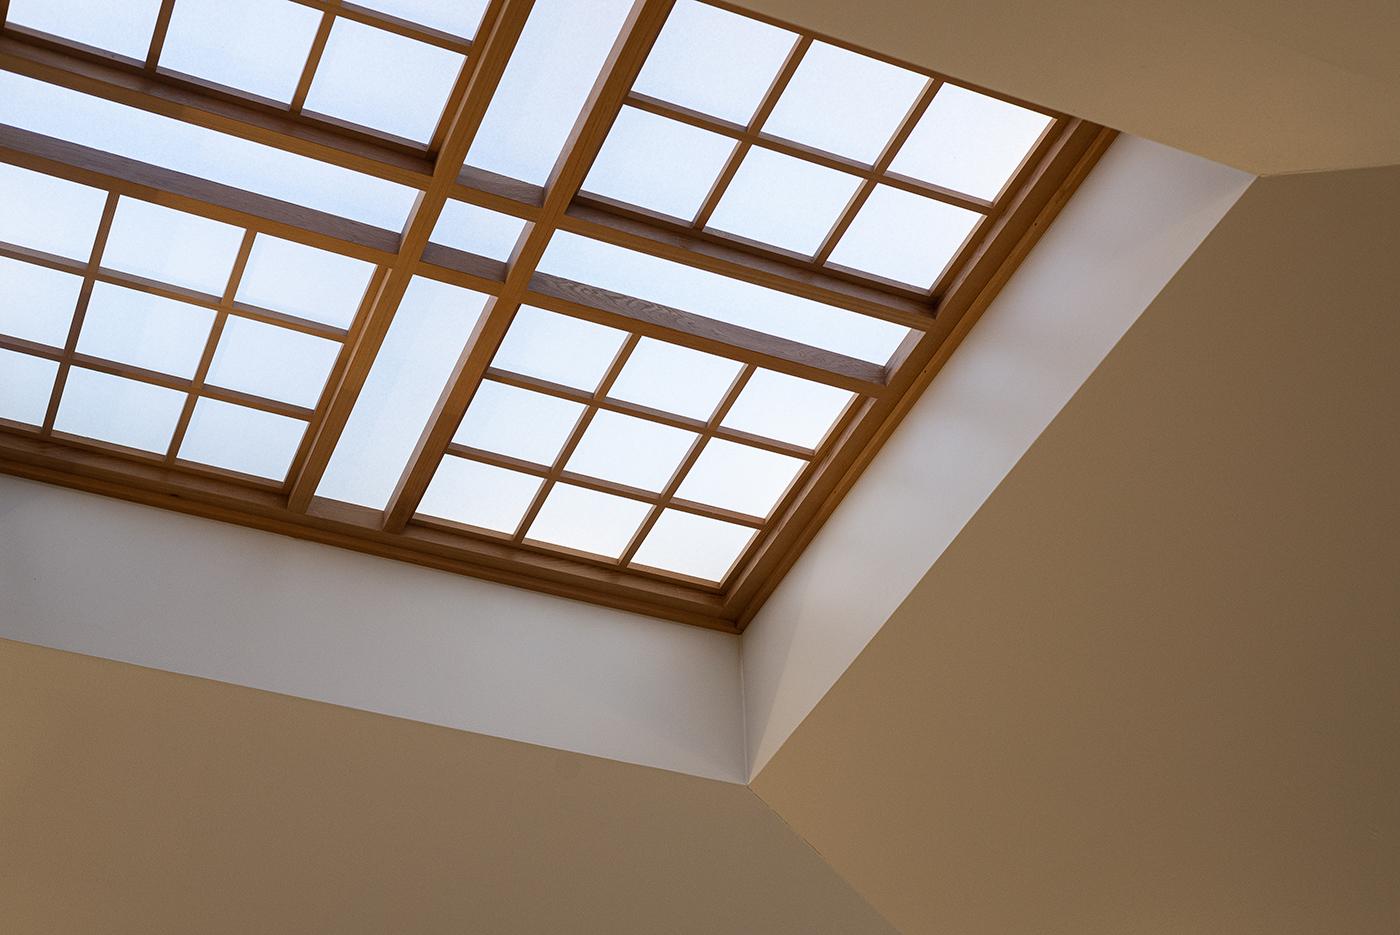 間接照明、設計事務所、建築家、大磯、神奈川、一級建築士事務所